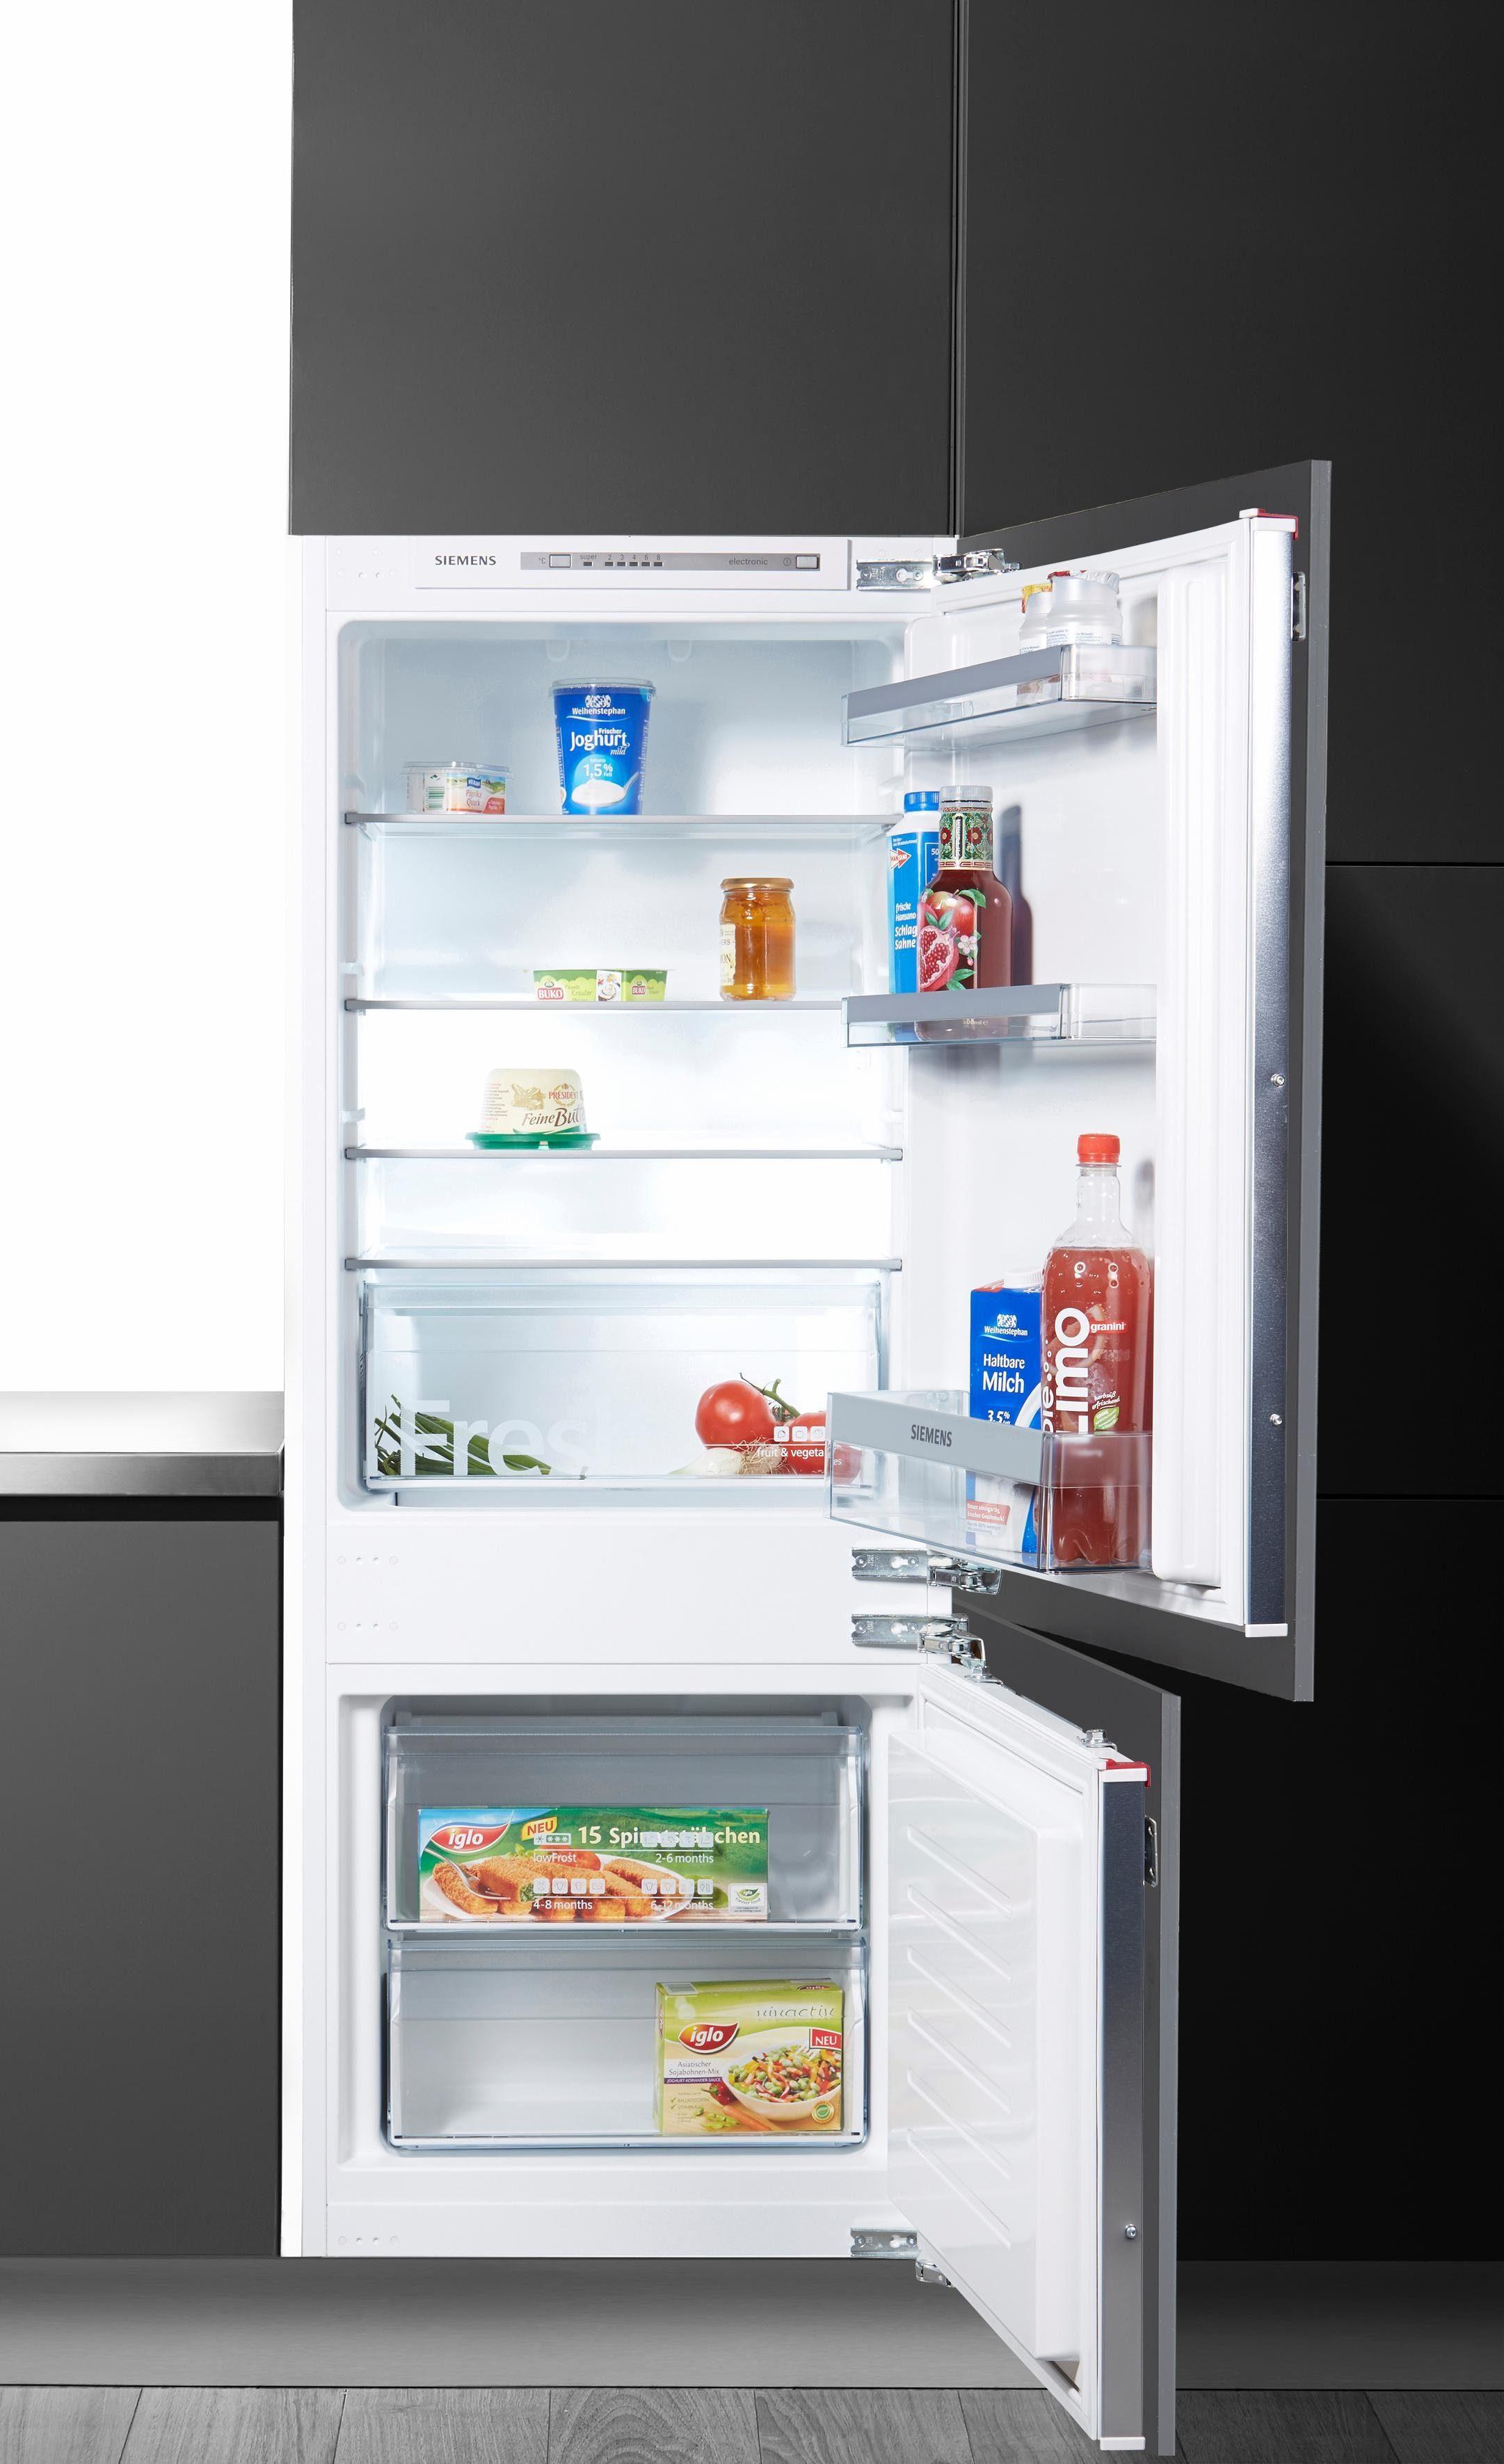 SIEMENS Einbaukühlschrank KI67VVF30, 144,6 cm hoch, 54,5 cm breit, Energieeffizienzklasse: A++, 144,6 cm hoch